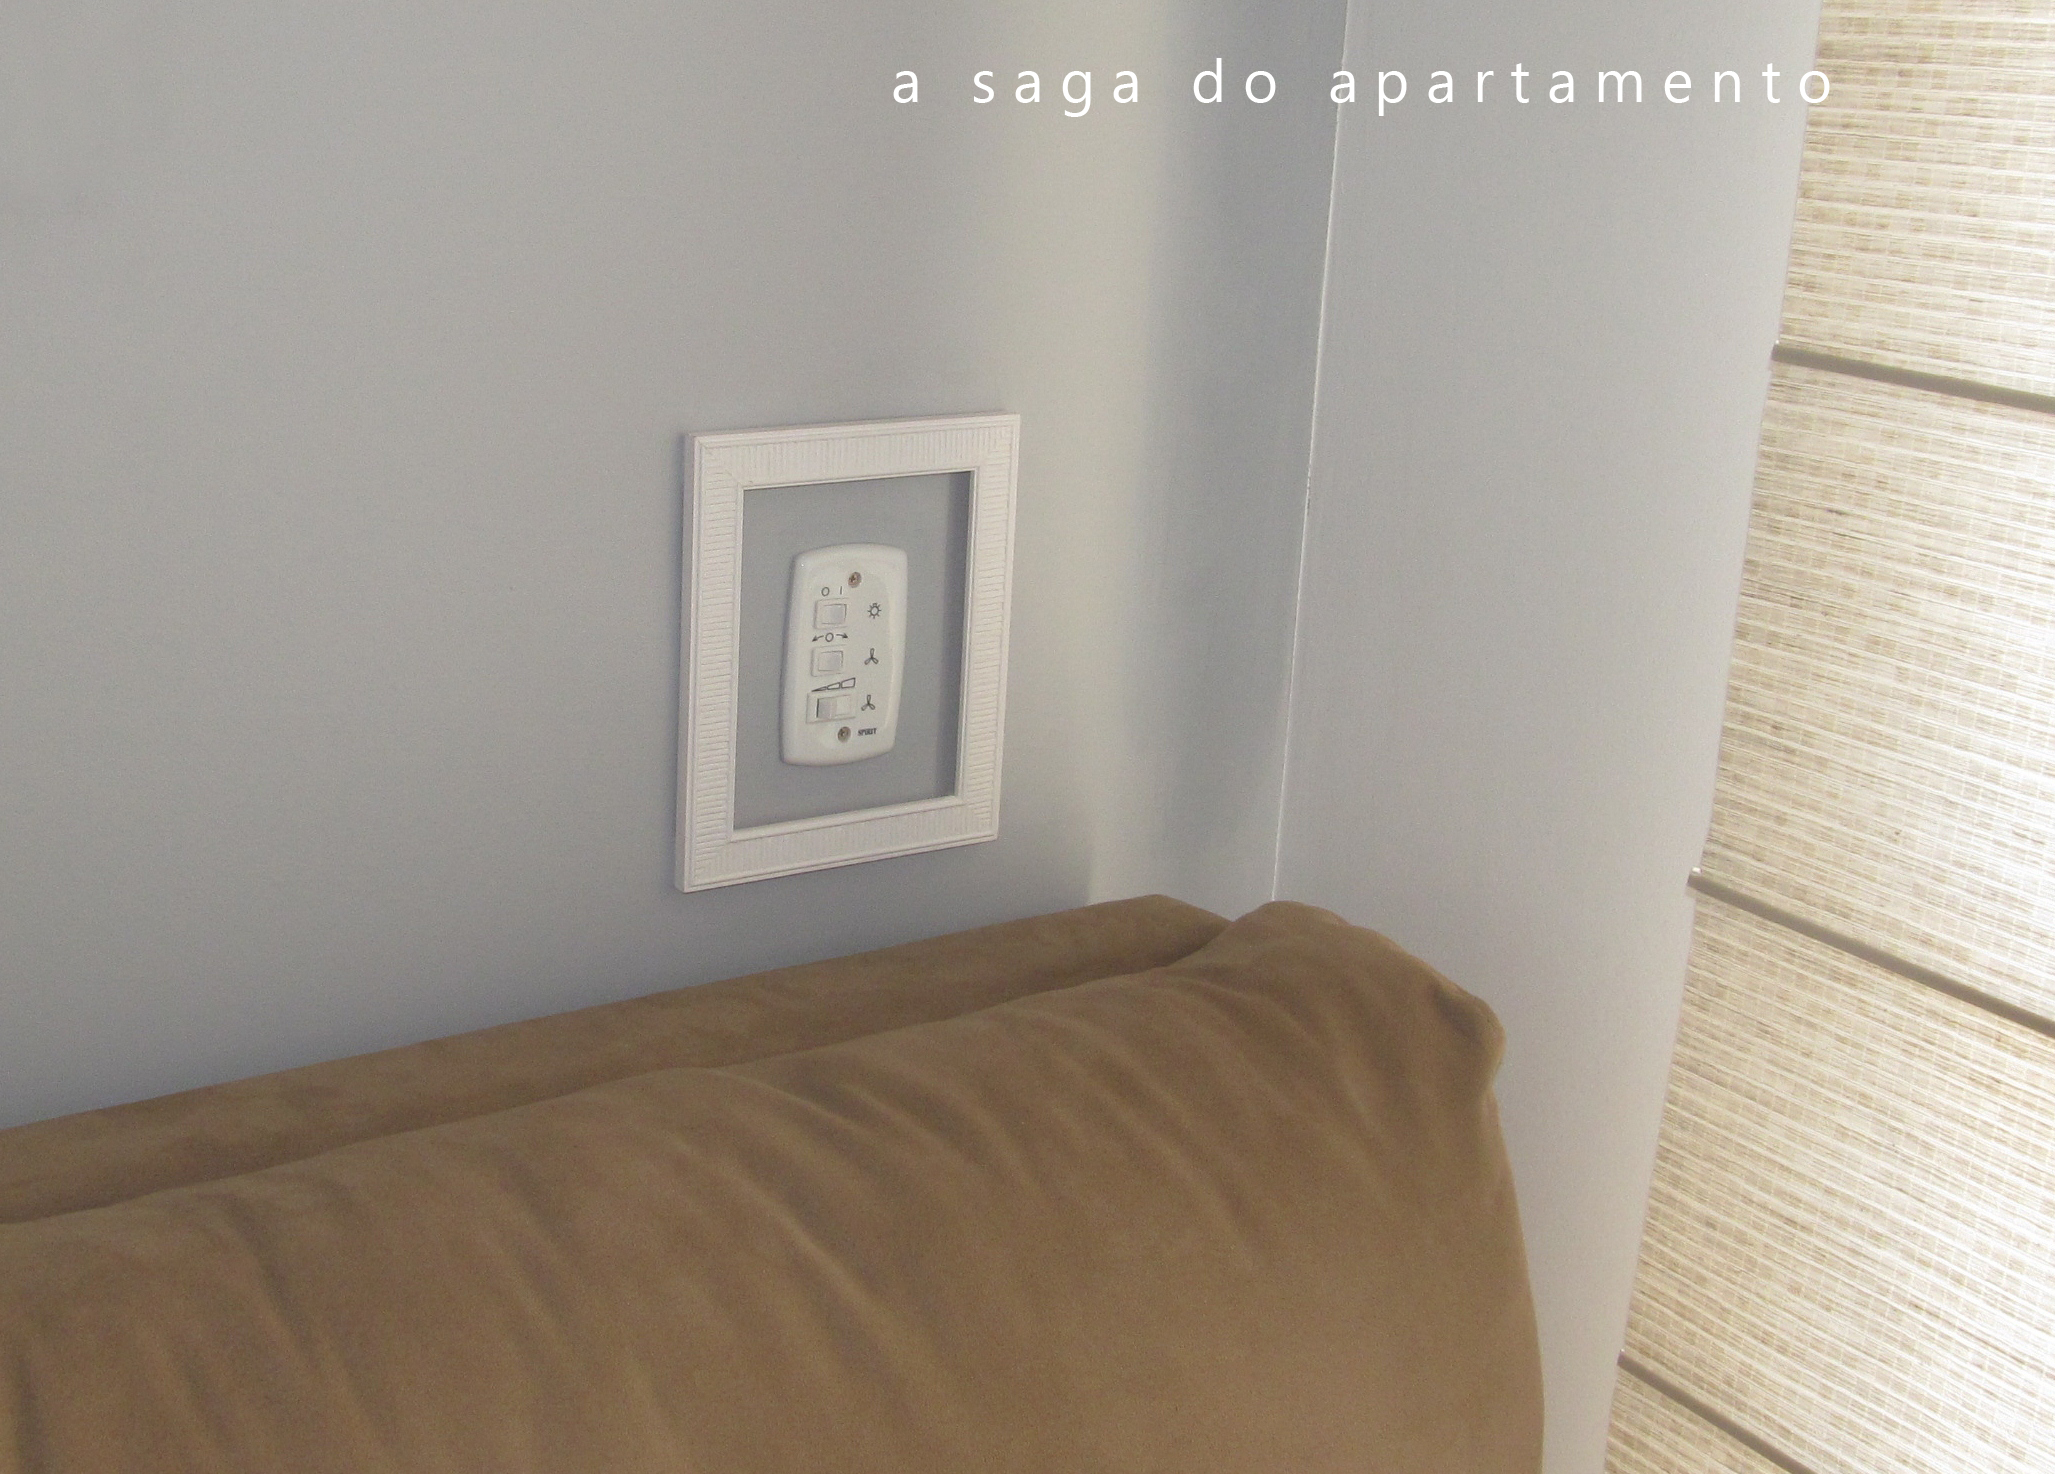 Retoques na pintura das paredes erros e acertos a saga - Simulador de pintura para paredes ...